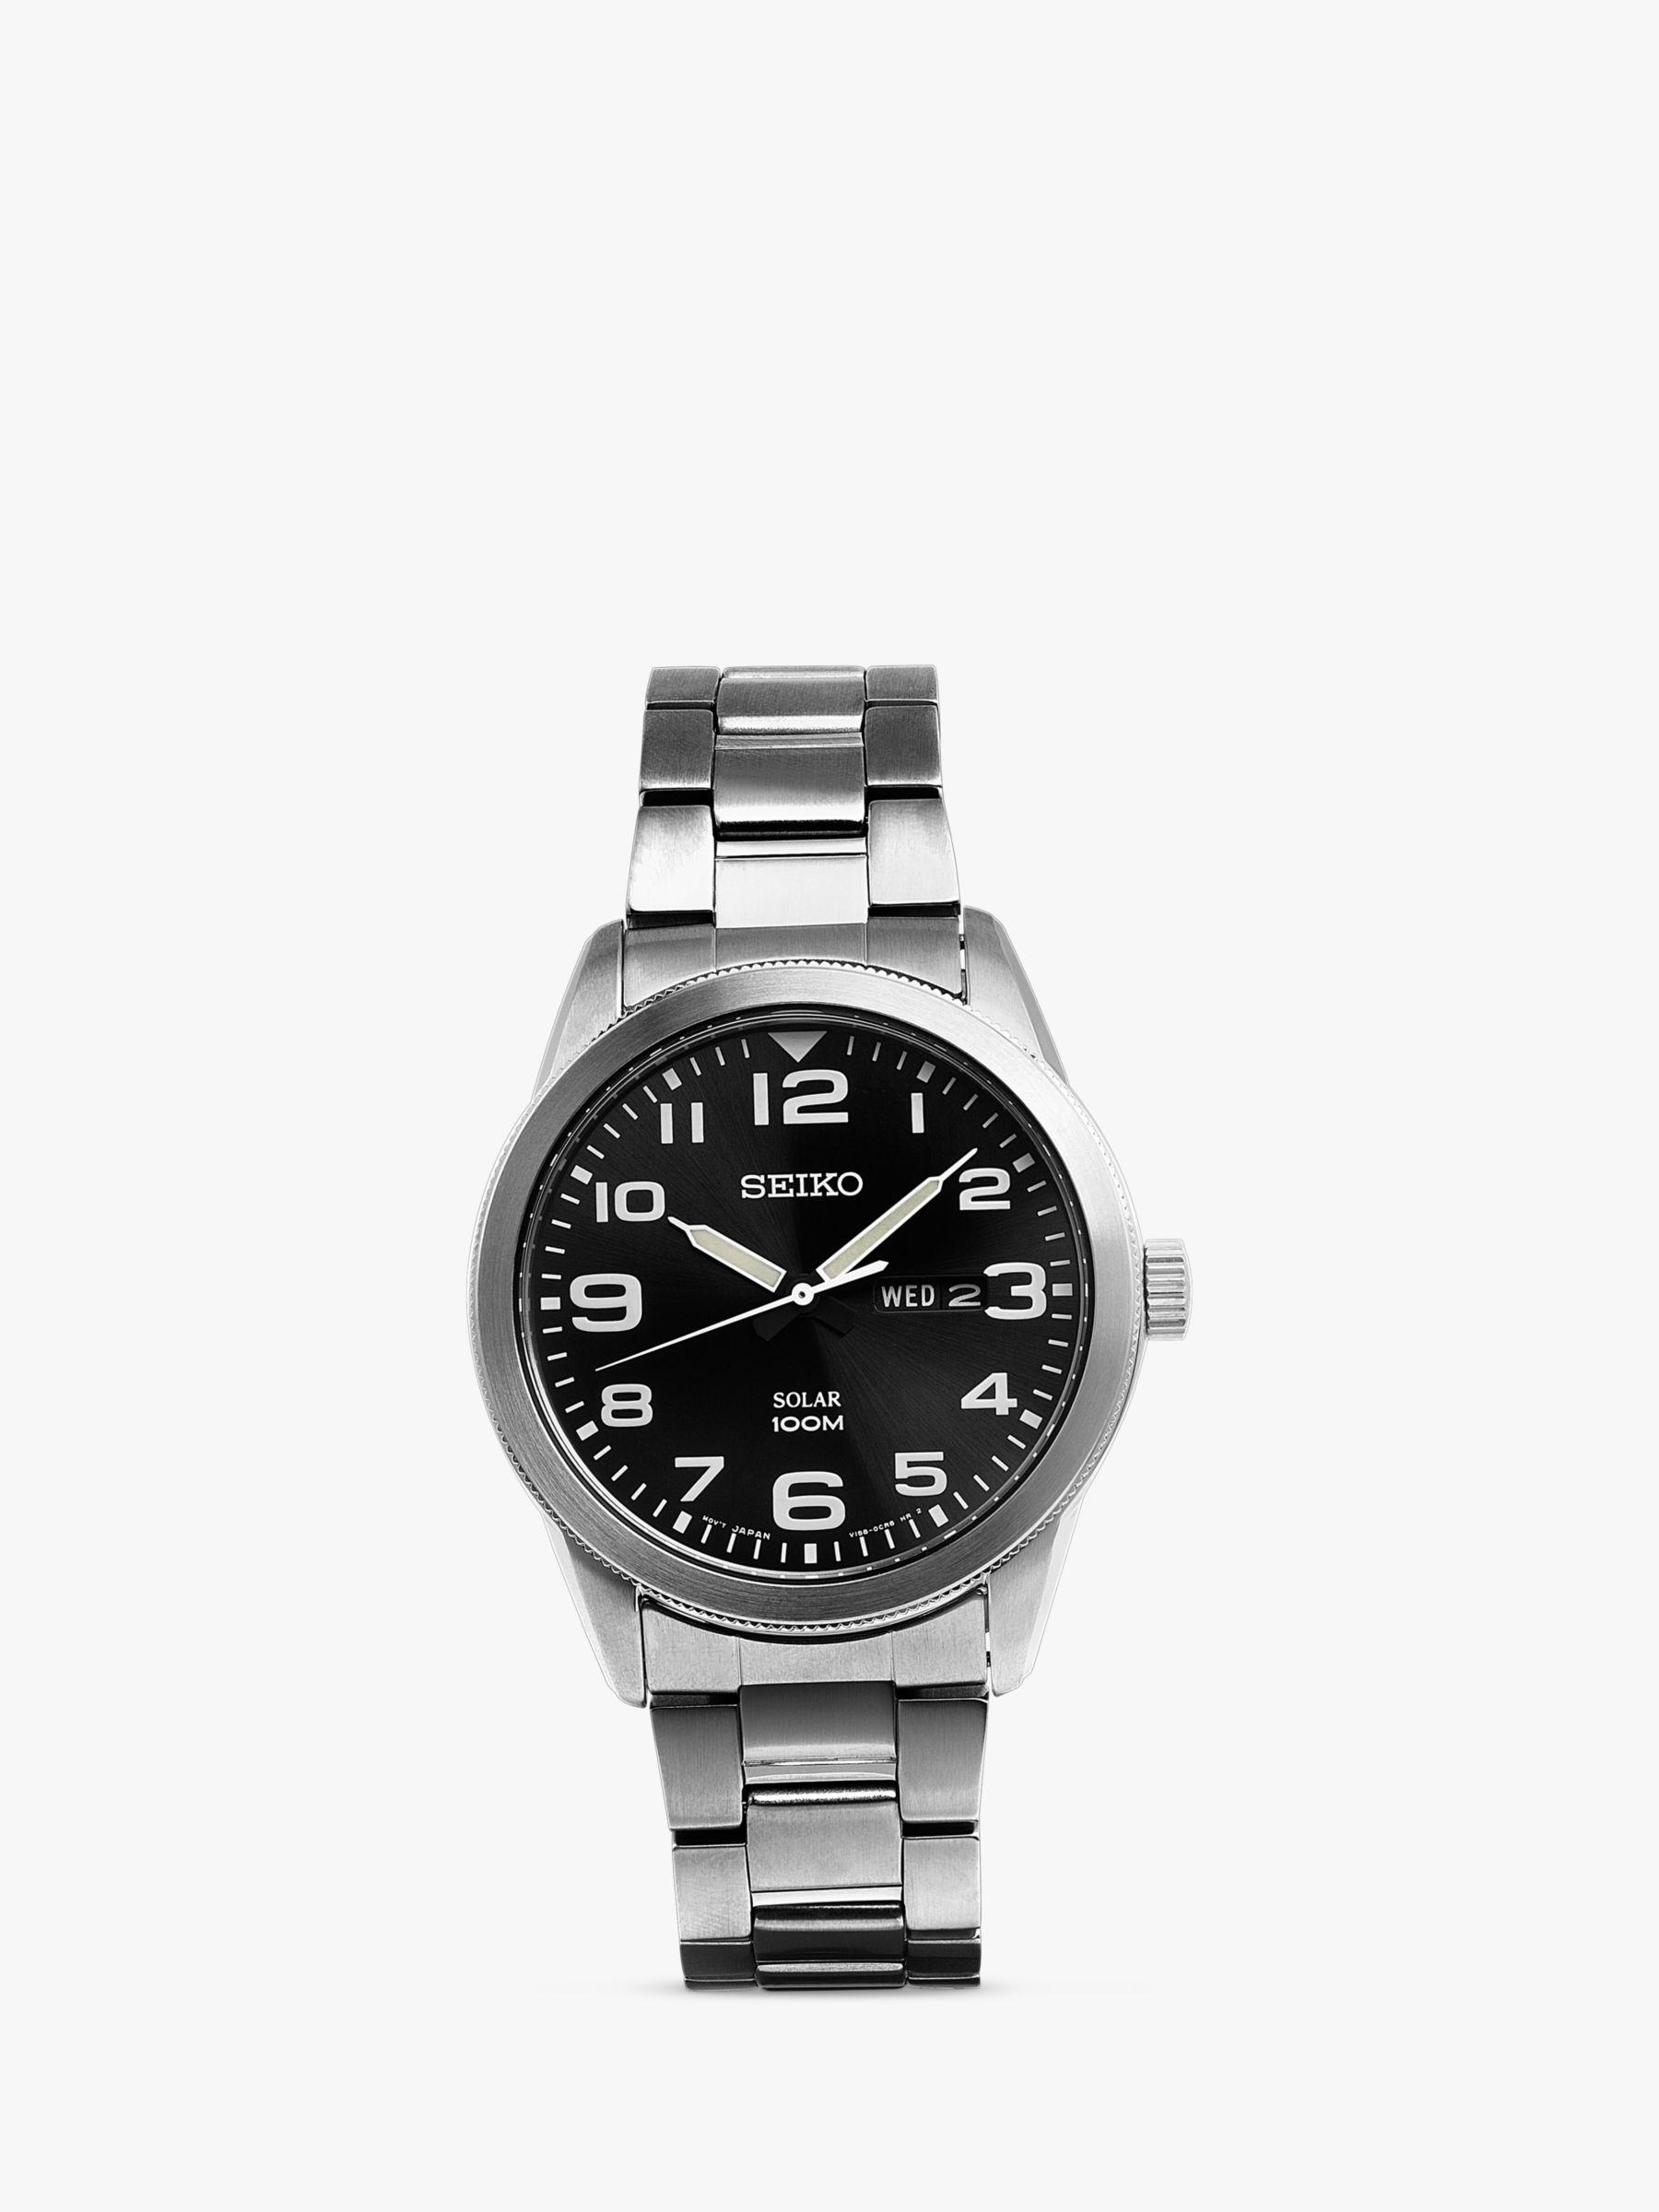 Seiko Seiko SNE471P1 Men's Conceptual Day Date Bracelet Strap Watch, Silver/Black